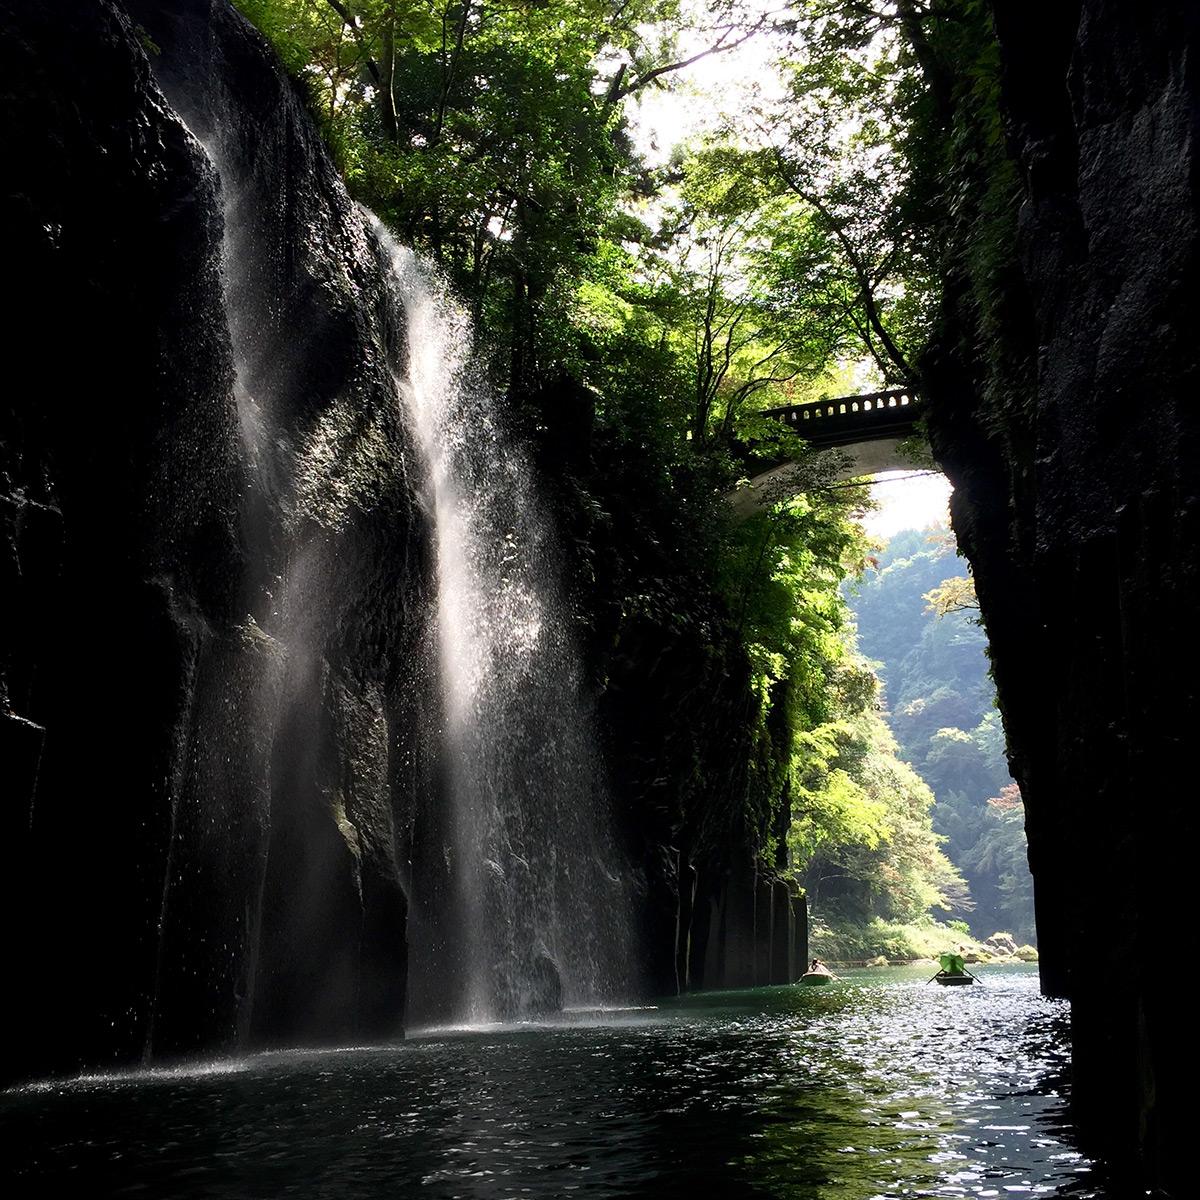 Снимок водопада на Iphone